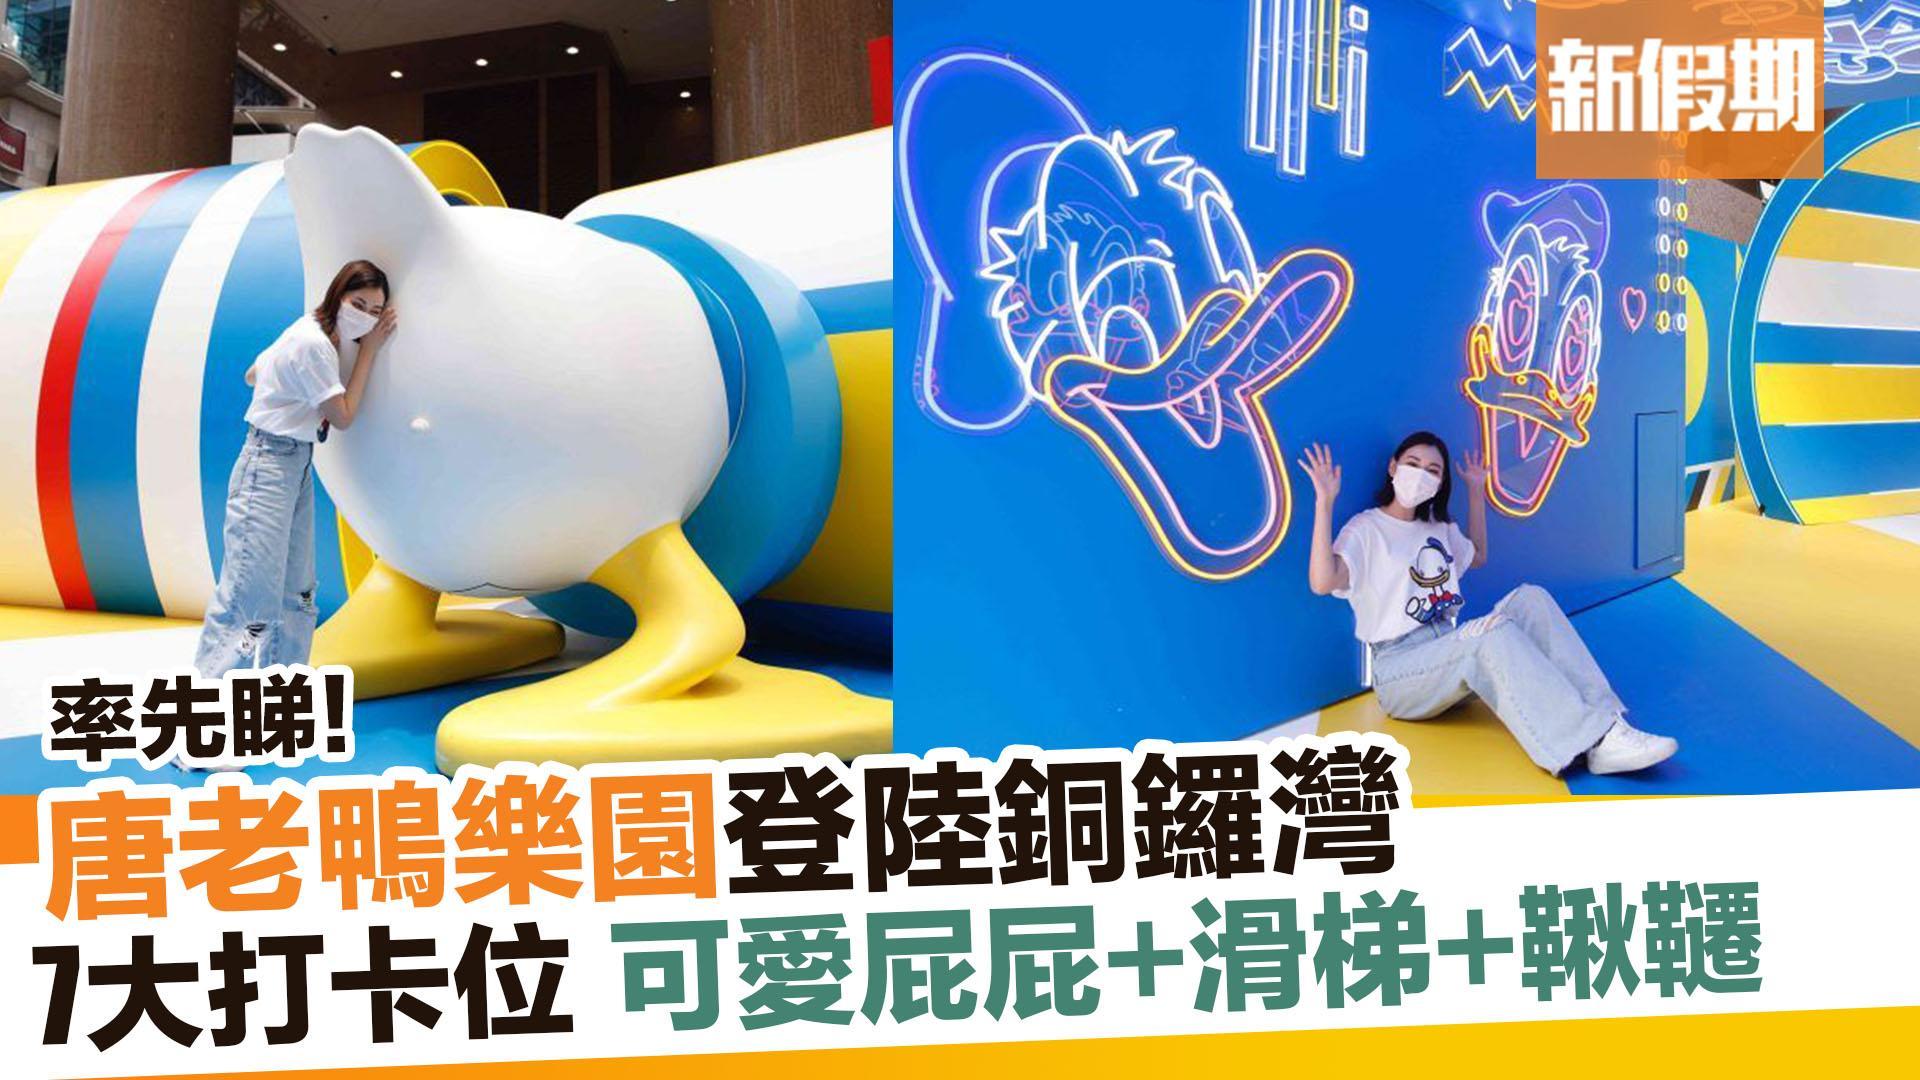 【香港好去處】銅鑼灣時代廣場唐老鴨樂園開幕 7大可愛打卡位免費入場! 新假期